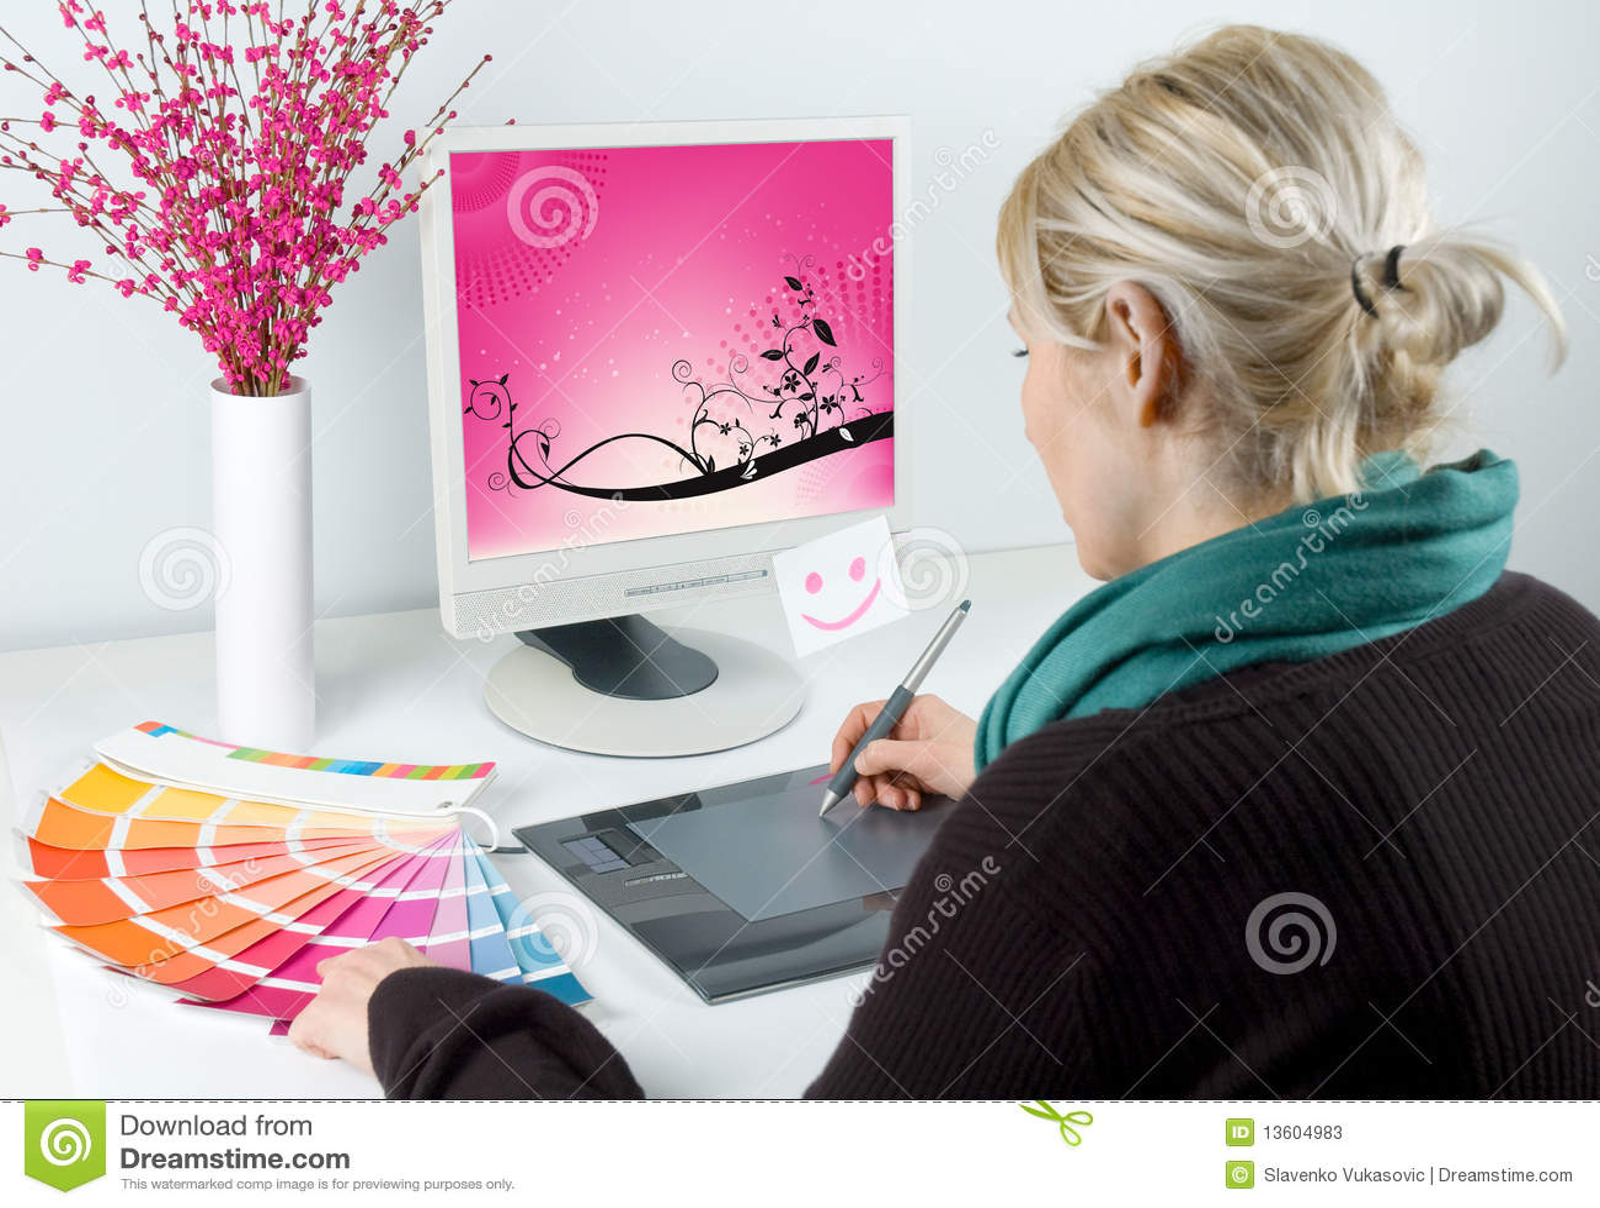 Dise ador gr fico fotos de archivo imagen 13604983 - Disenador de fotos ...